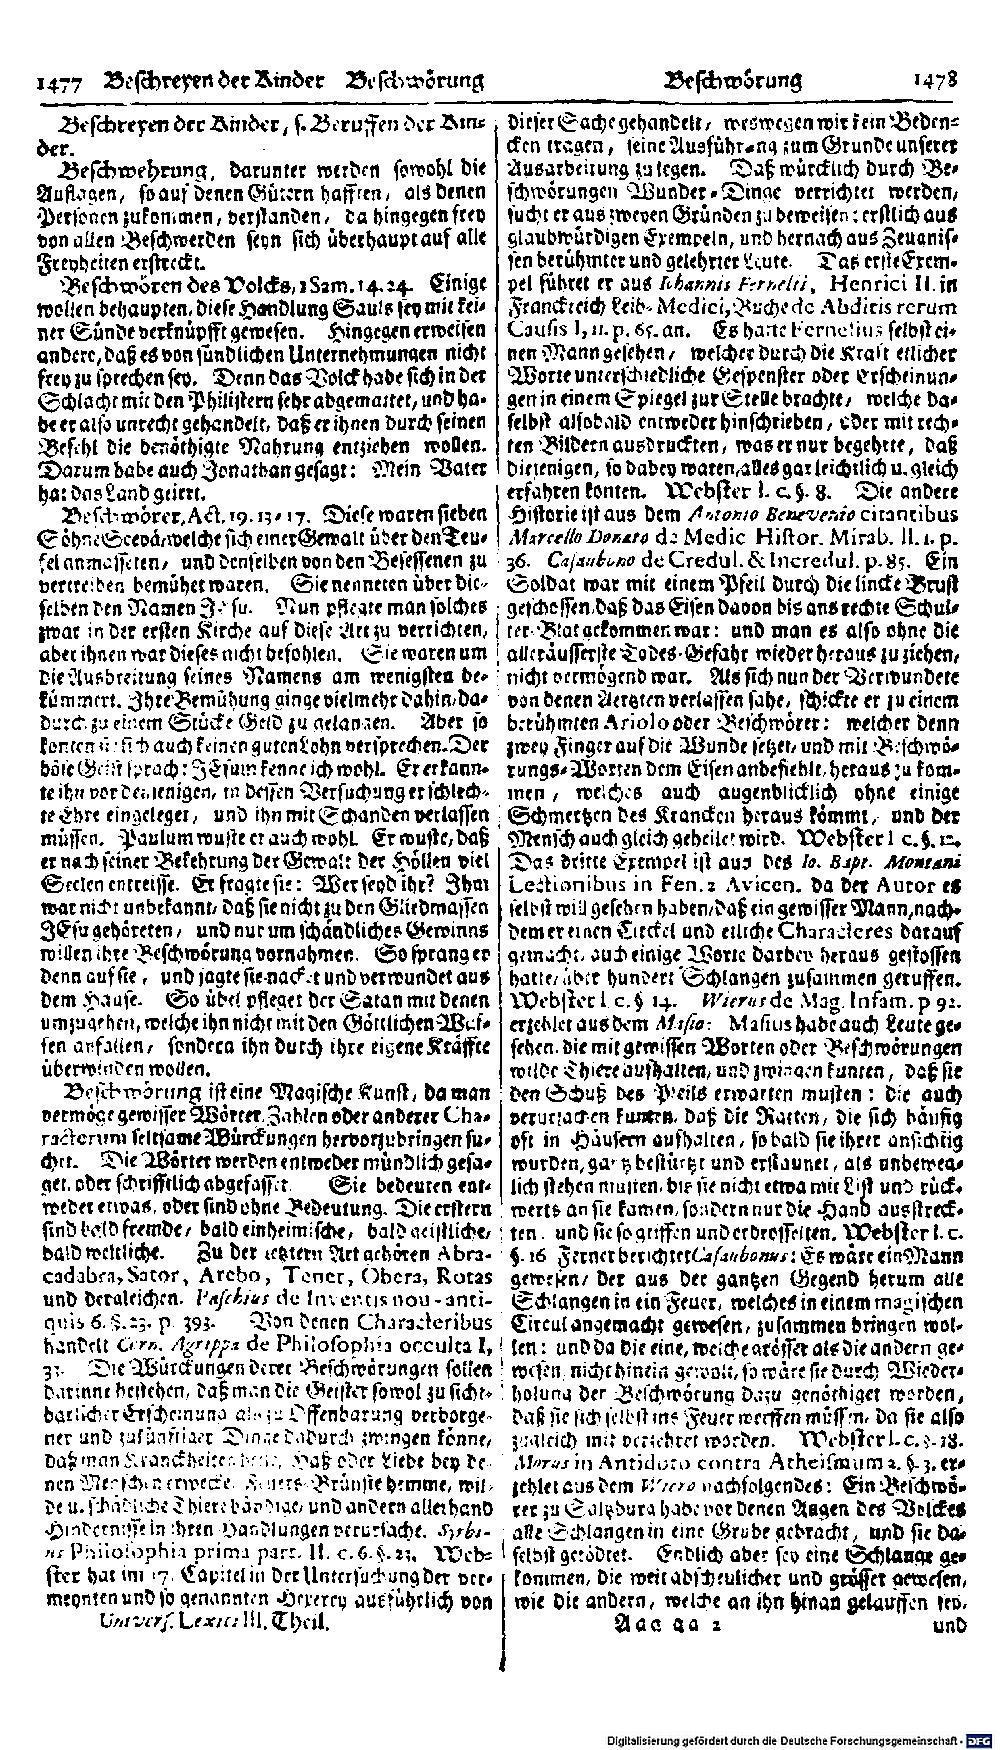 Bd. 03, Seite 0754.